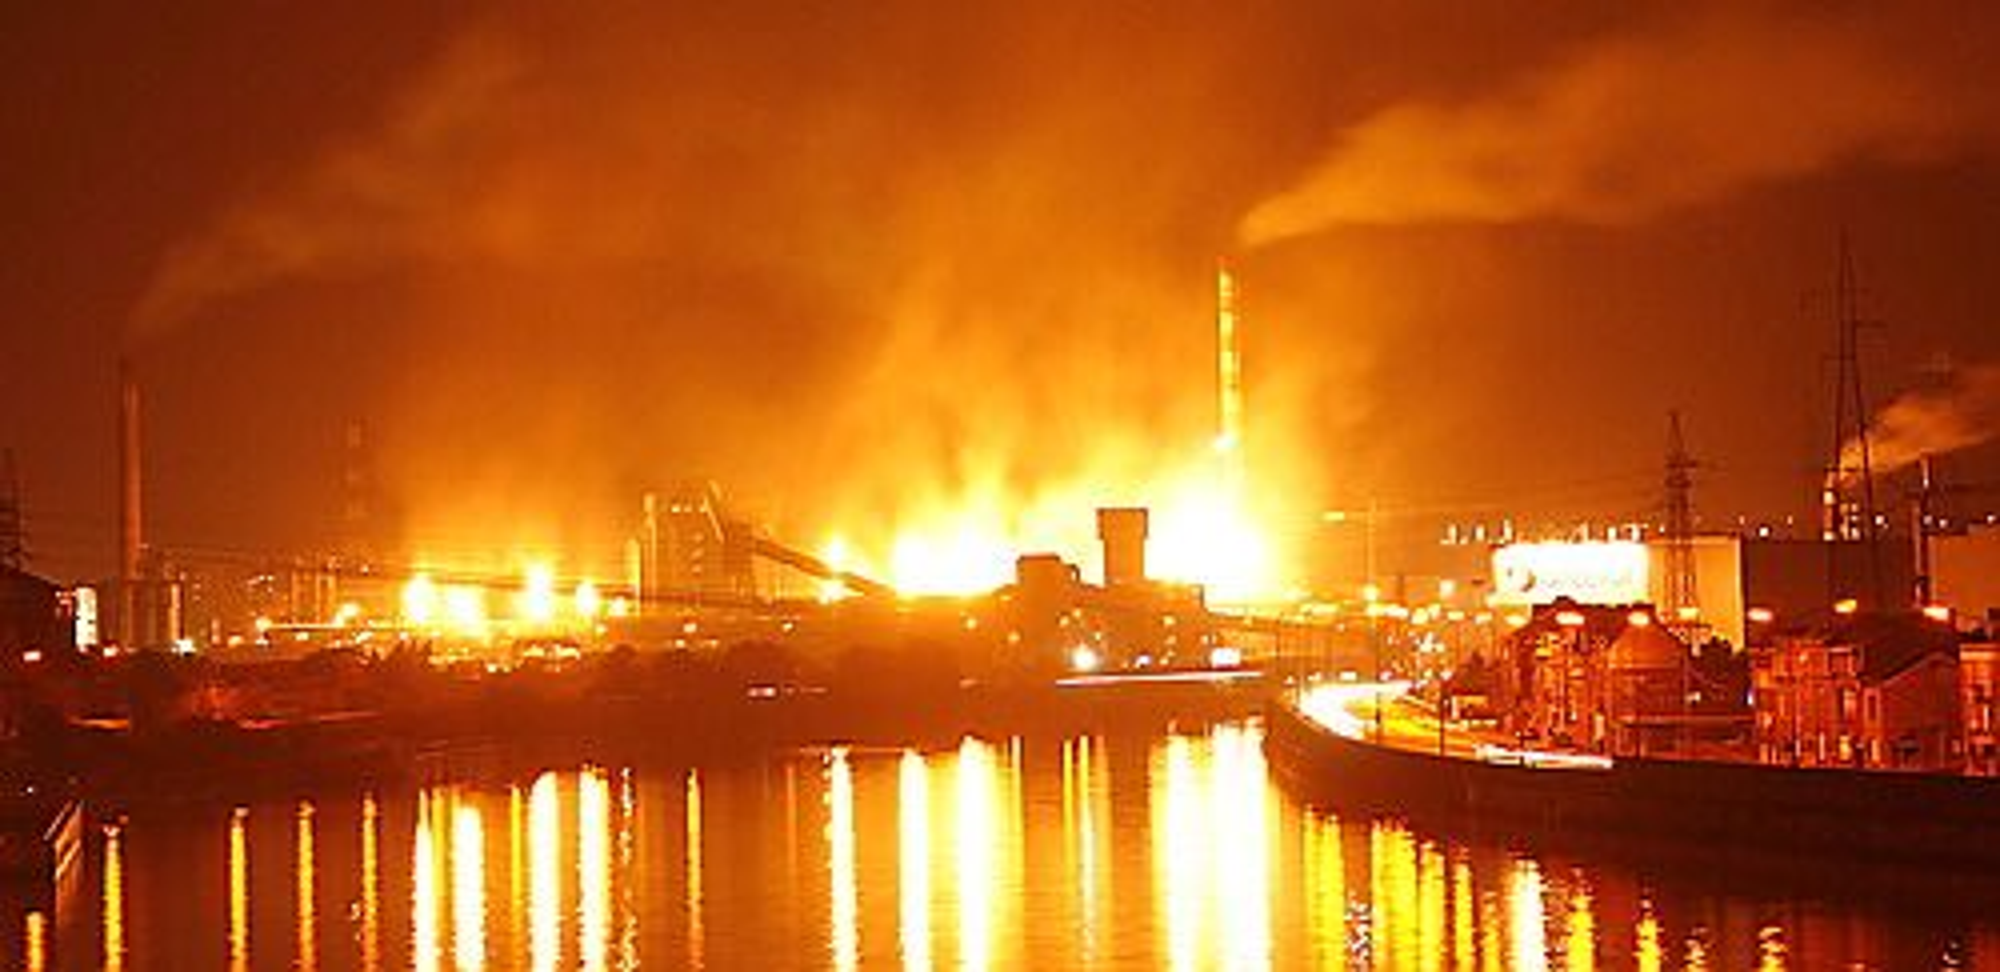 Industribranner kan ha svært alvorlige konsekvenser, eksplosjonssikring er alfa og omega